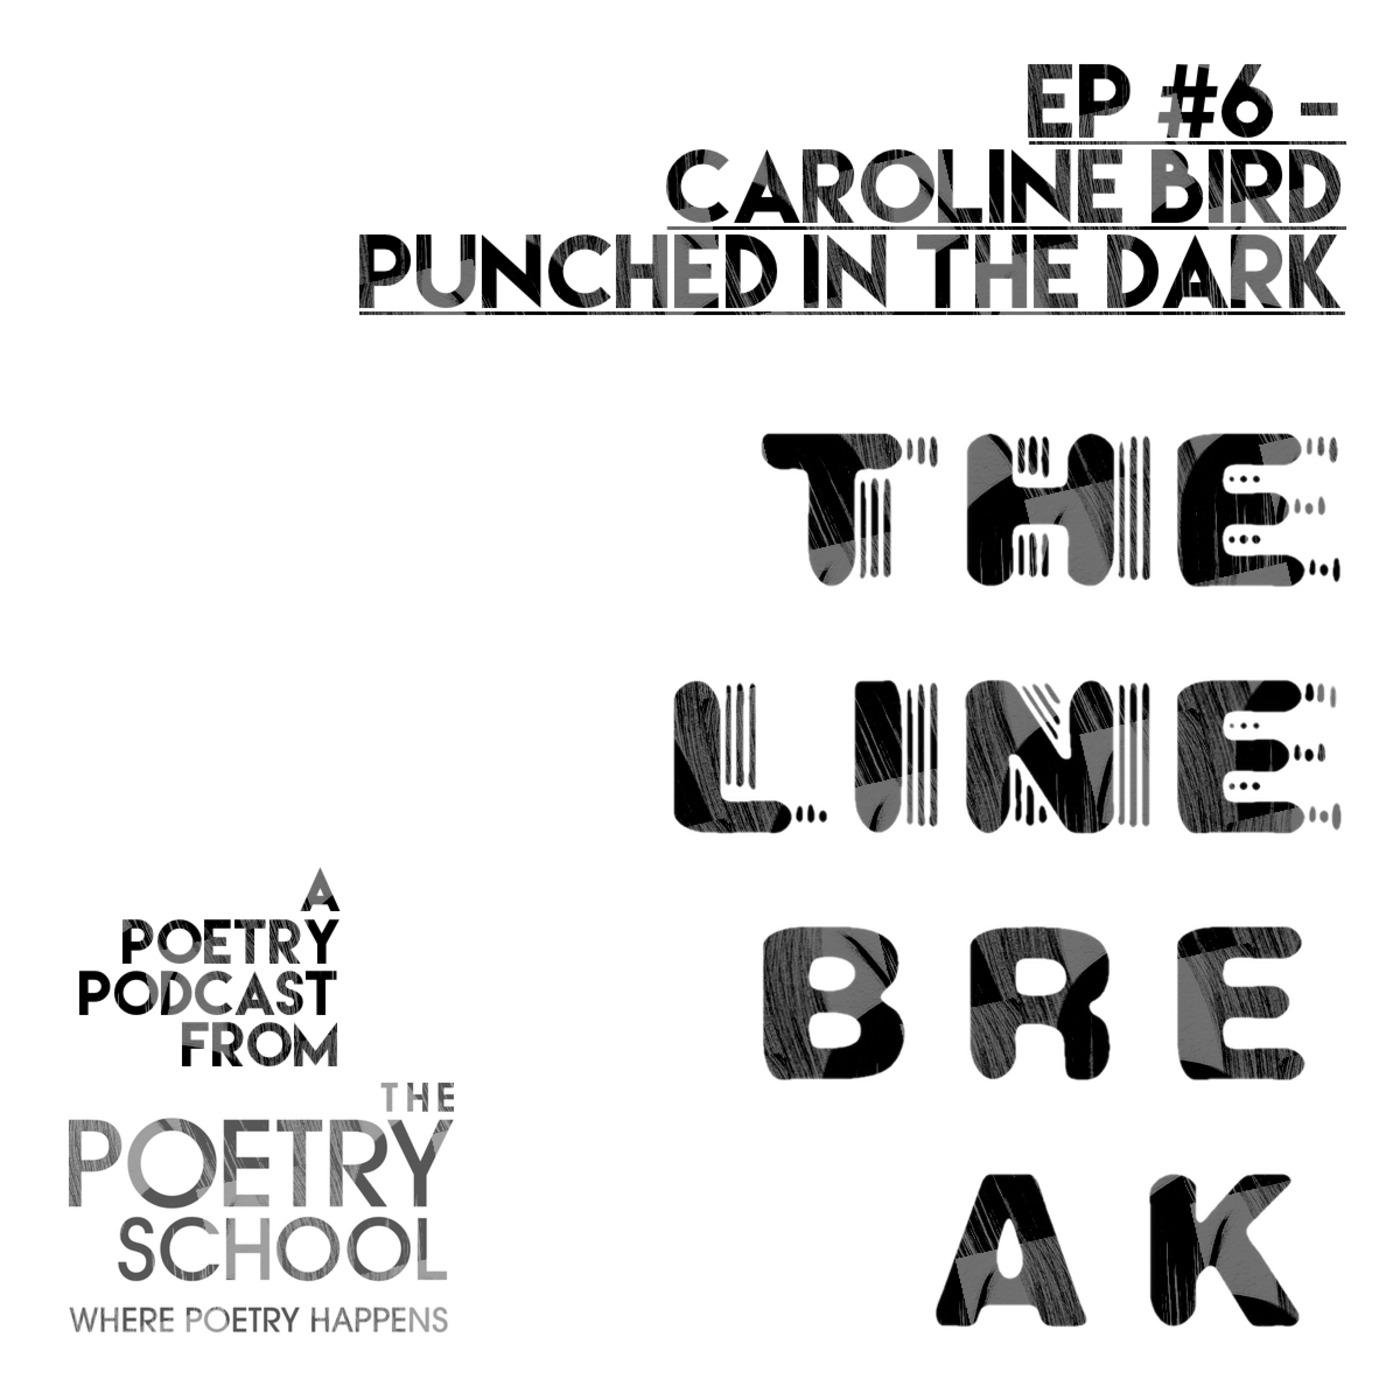 Facebookthesis Web Fc2 Com: Caroline Bird Where College Fails Us Essay